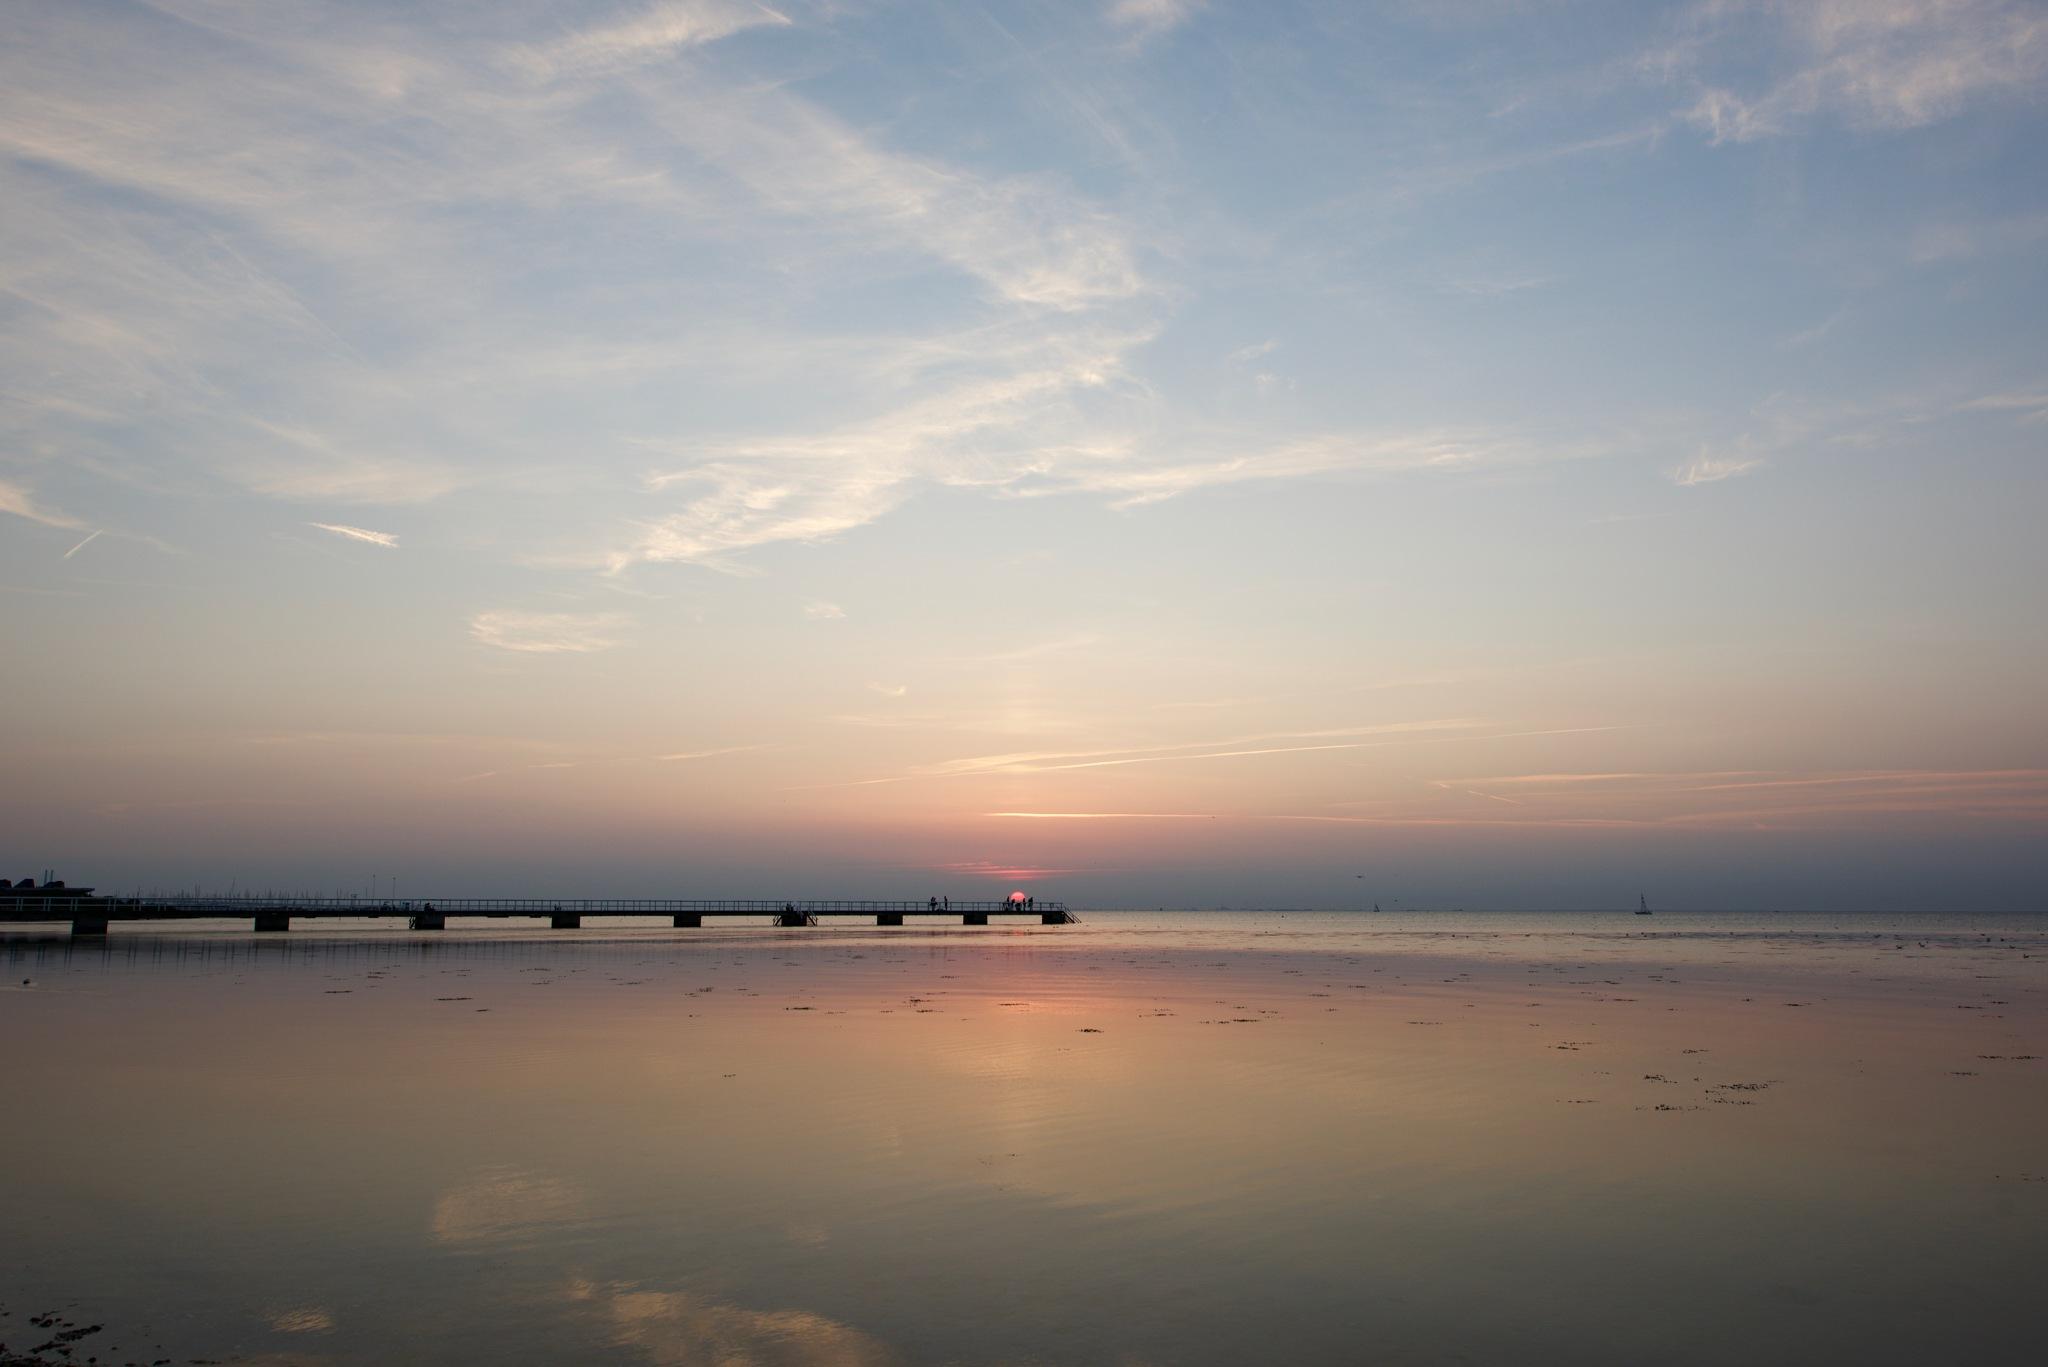 Sunset Malmö 8844! by Memed Bayatli